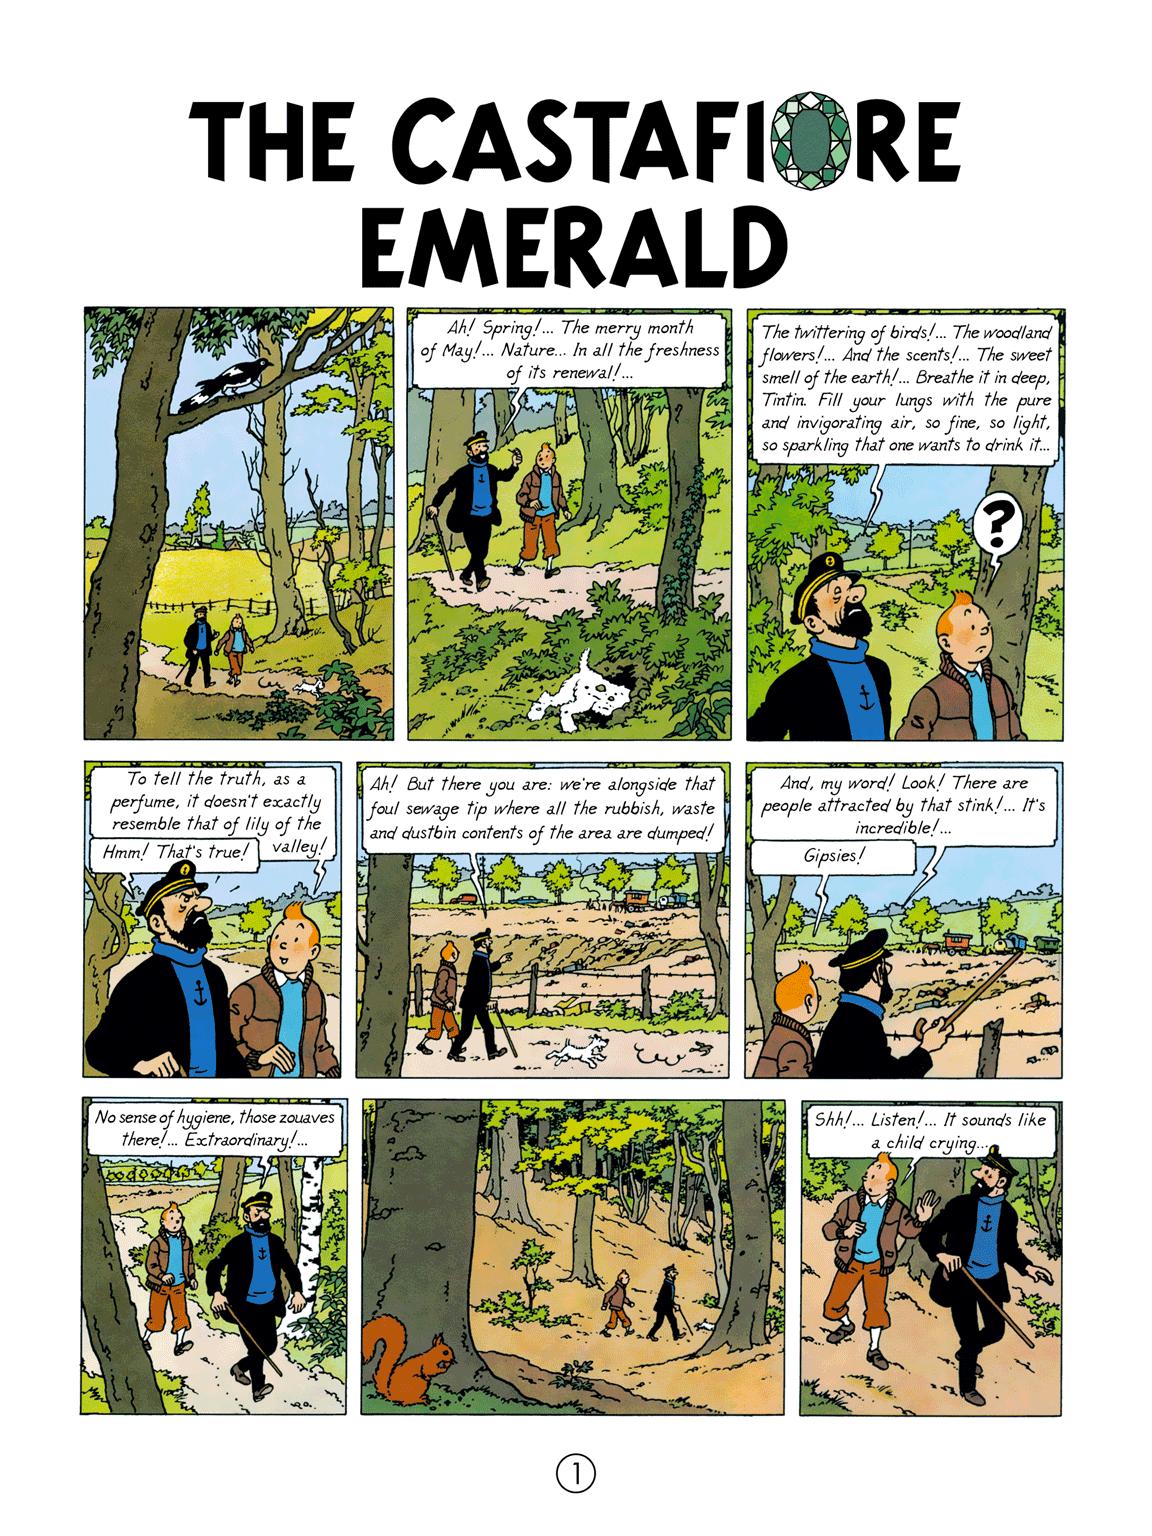 The Castafiore Emerald - page 1